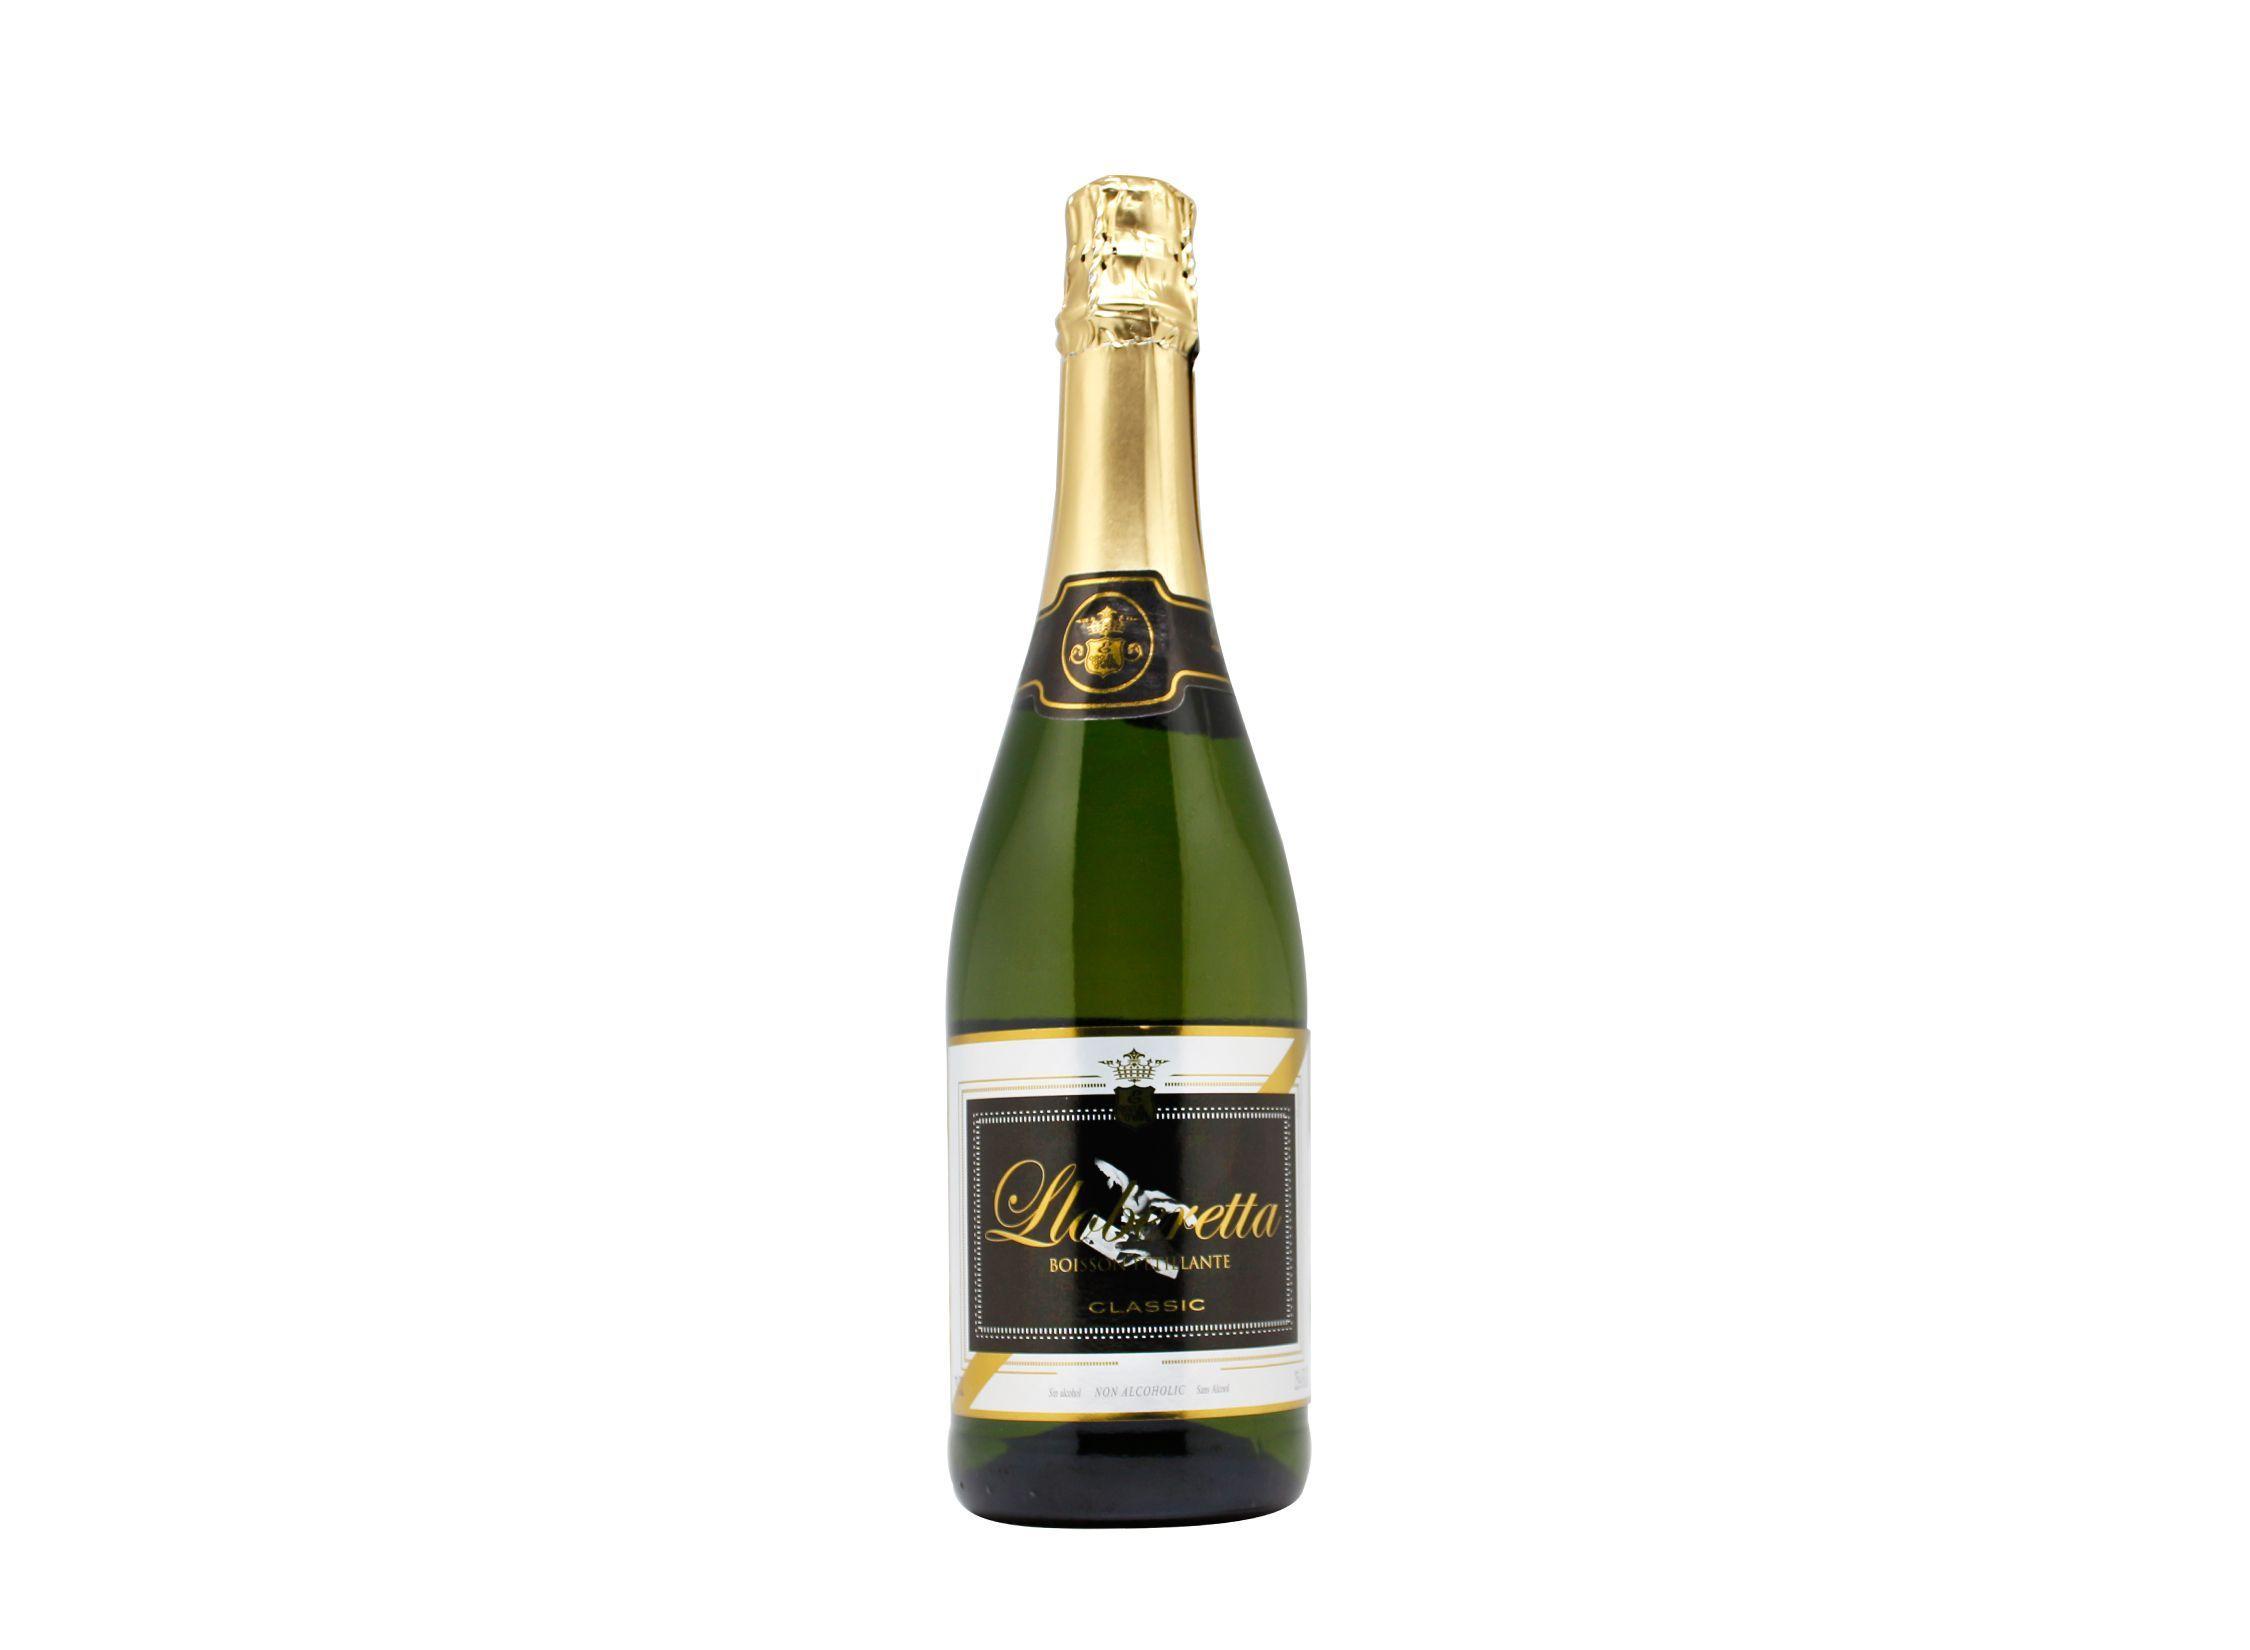 Botella de 75cl con corcho de Lloberetta una de nuestros grandes clásicos. Bebida espumosa elaborada a partir de la fruta de la pasión. Producto fabricado en Granada, España. En stock listo para enviar.